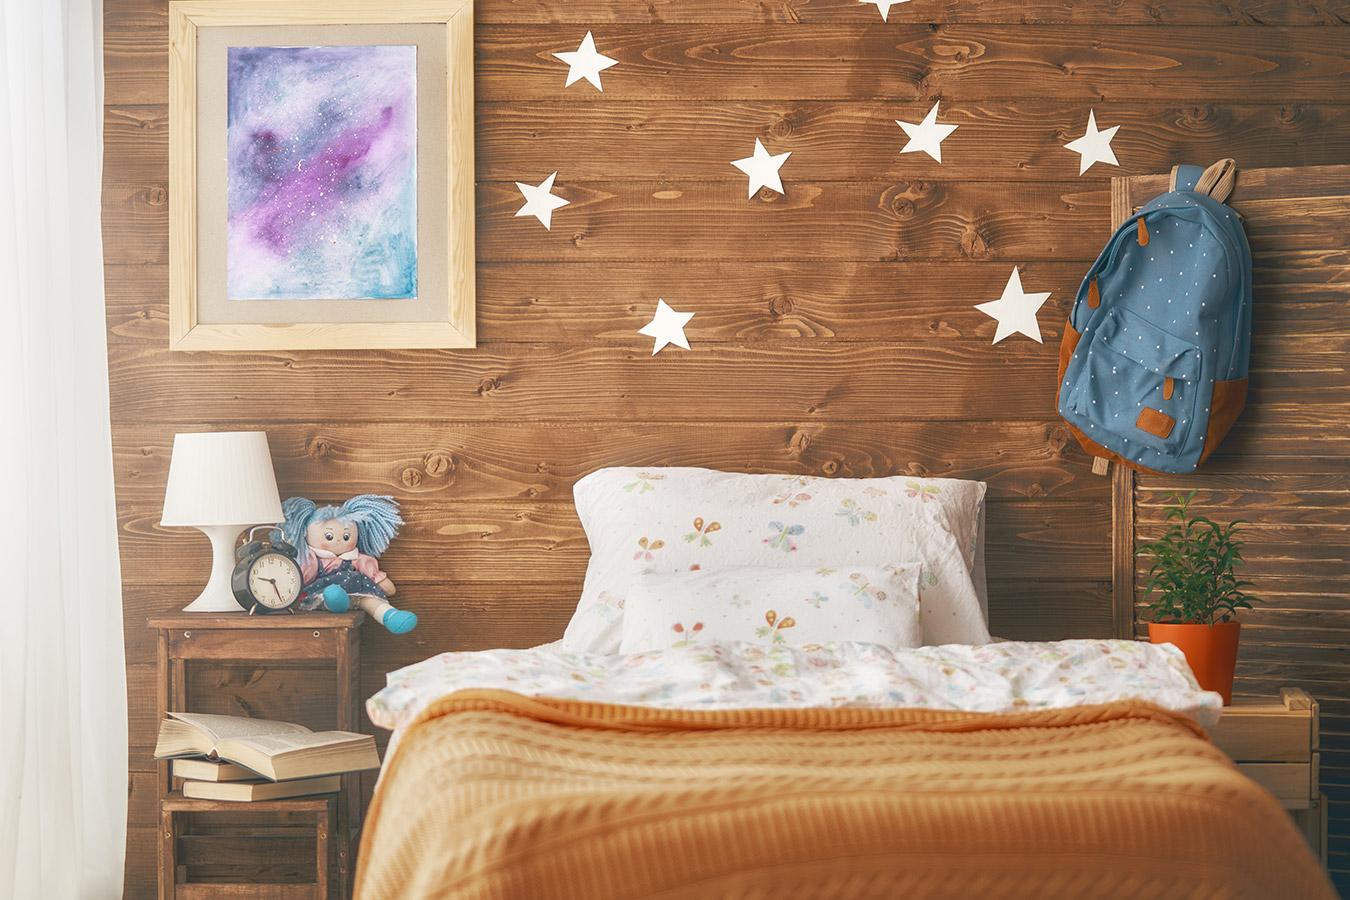 Kolory do pokoju dziewczynki – Jaki kolor ścian do pokoju dziewczynki?